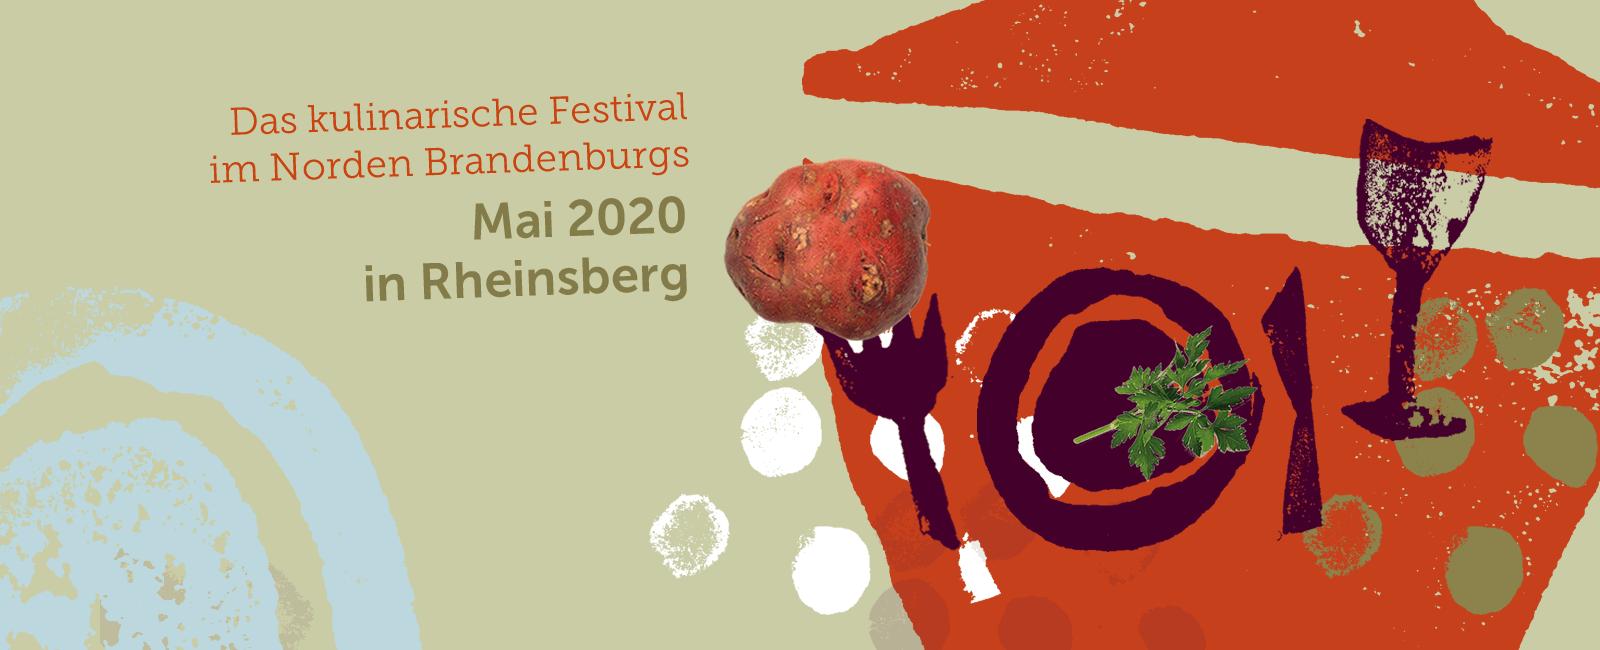 Banner-Solanum-Festival-2020